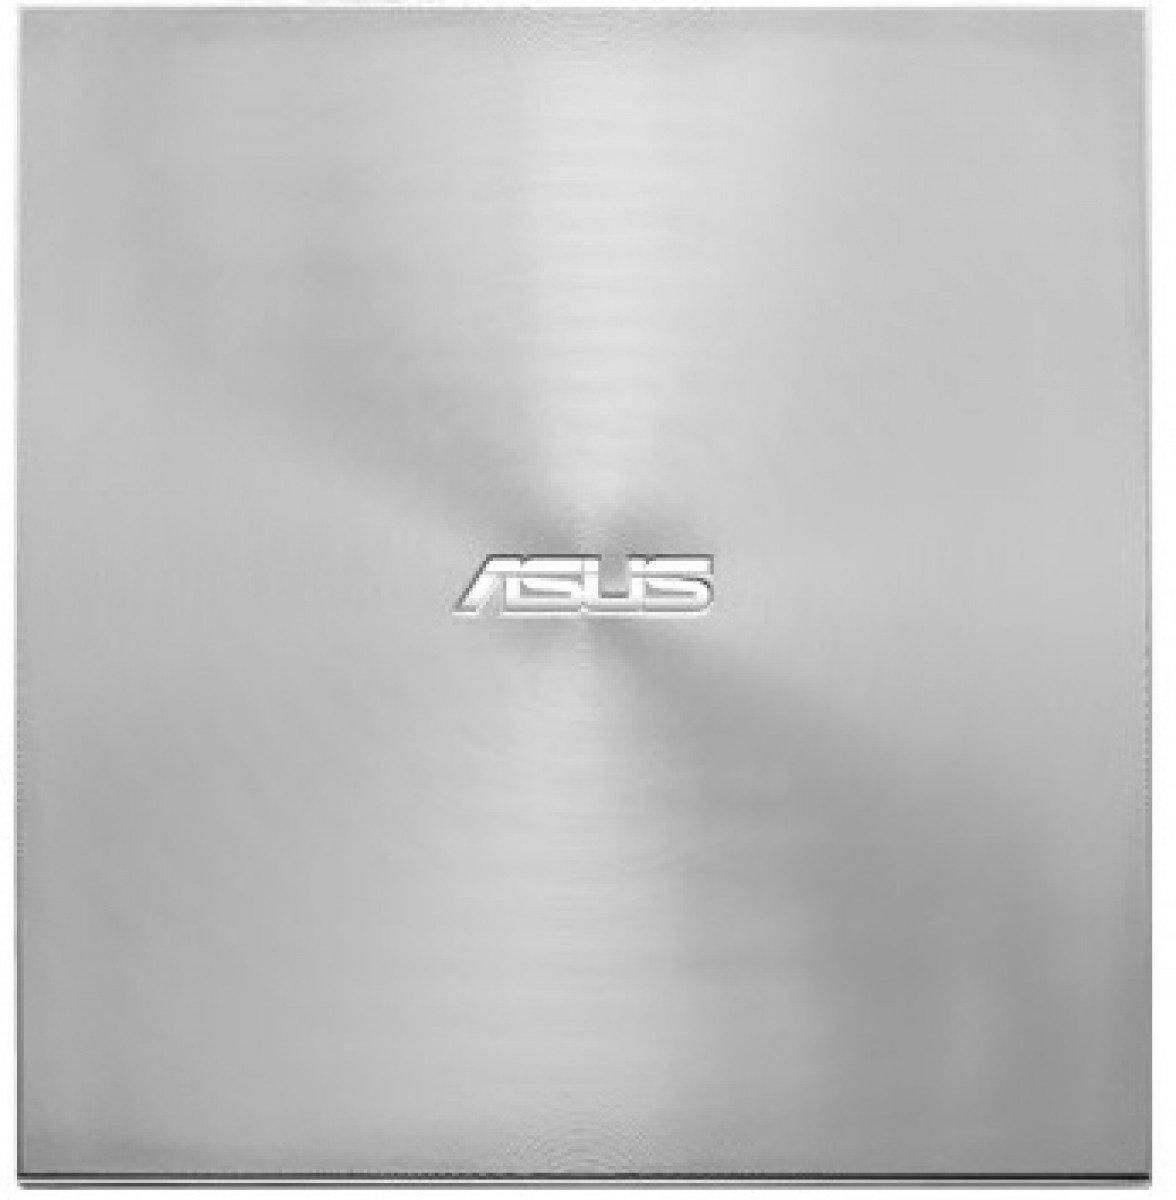 Зовнішній оптичний привід ASUS DVD ± R/RW USB 2.0 ZenDrive U9M Silver фото1